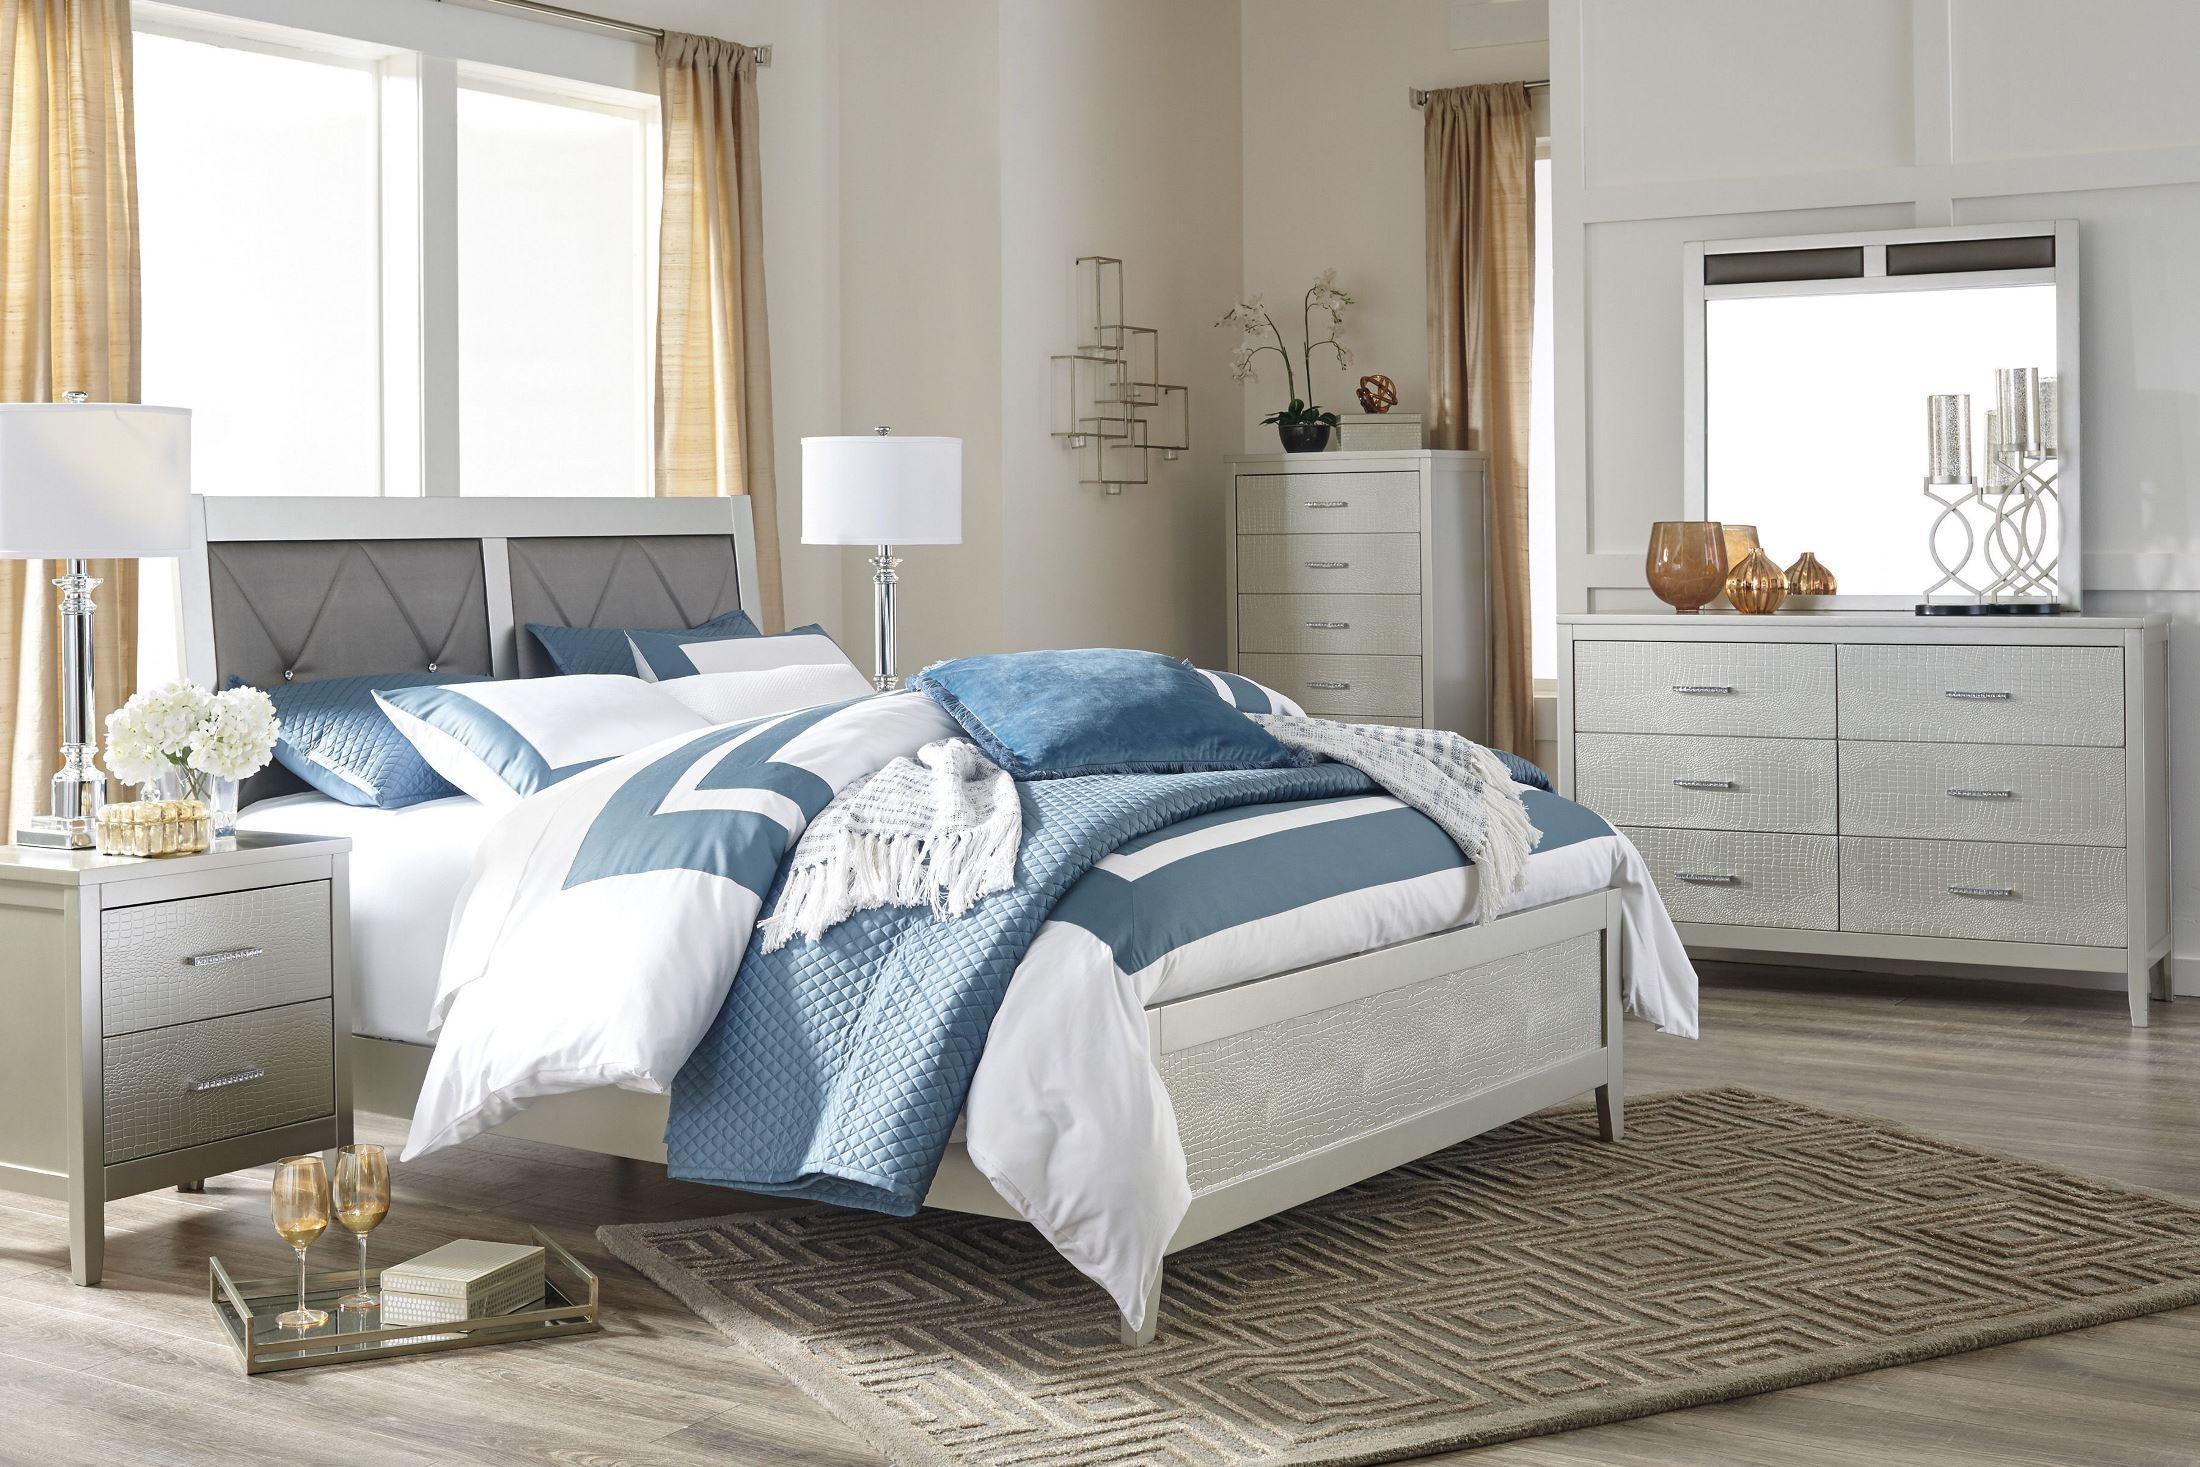 olivet silver upholstered panel bedroom set b560 81 96